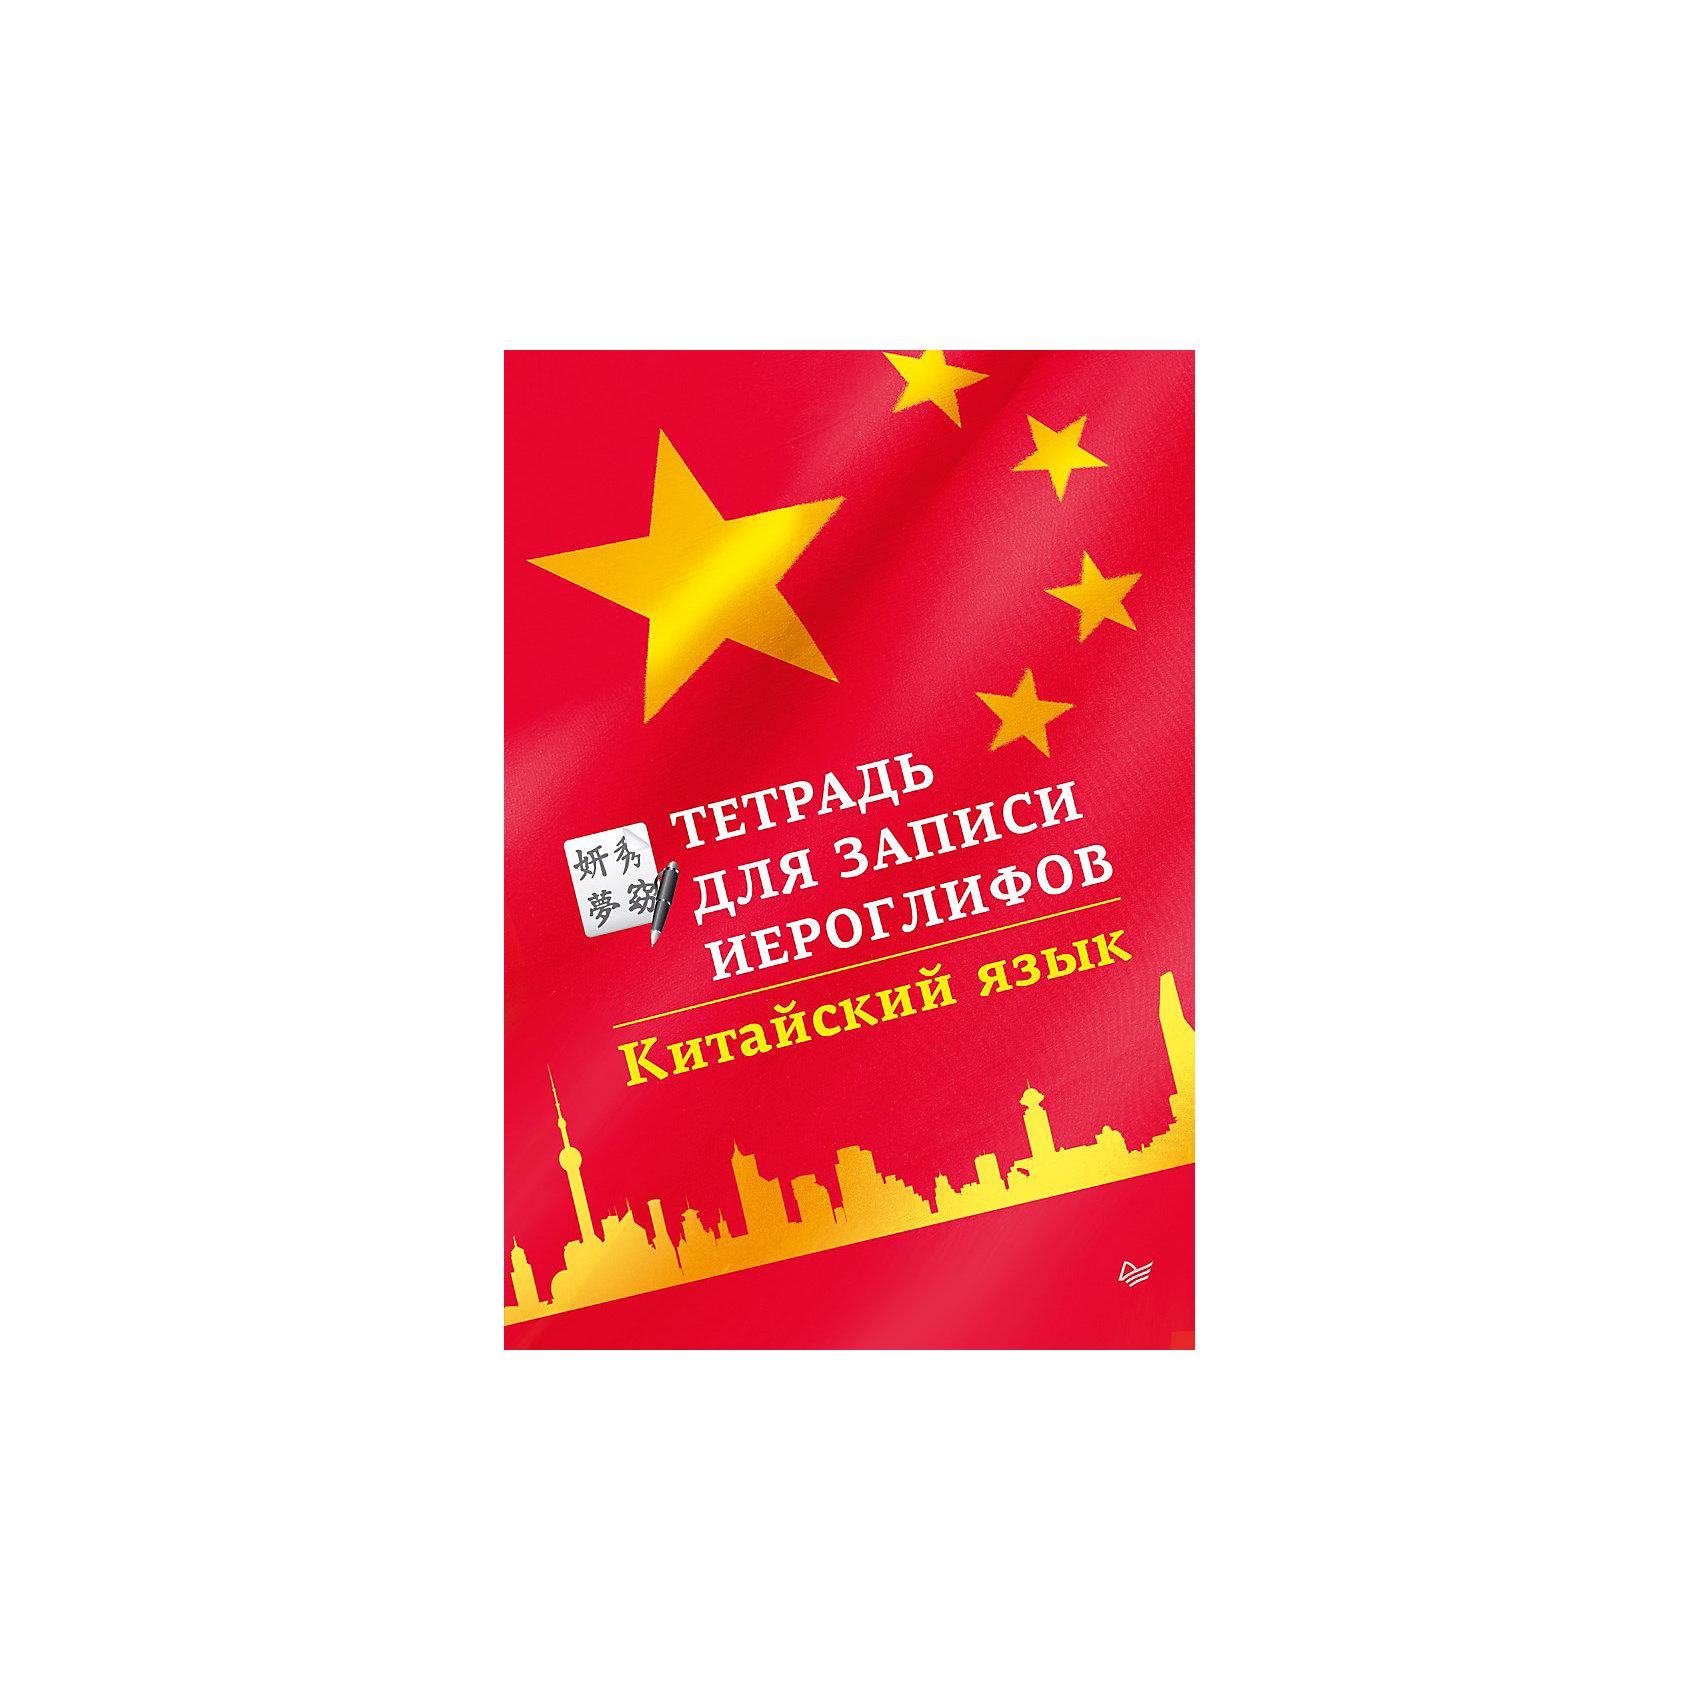 Тетрадь для записи иероглифов: Китайский языкПИТЕР<br>Тематическая тетрадь в клетку для записи иероглифов станет хорошим подспорьем в изучении китайского языка.<br><br>Ширина мм: 165<br>Глубина мм: 115<br>Высота мм: 30<br>Вес г: 39<br>Возраст от месяцев: 12<br>Возраст до месяцев: 2147483647<br>Пол: Унисекс<br>Возраст: Детский<br>SKU: 5576716